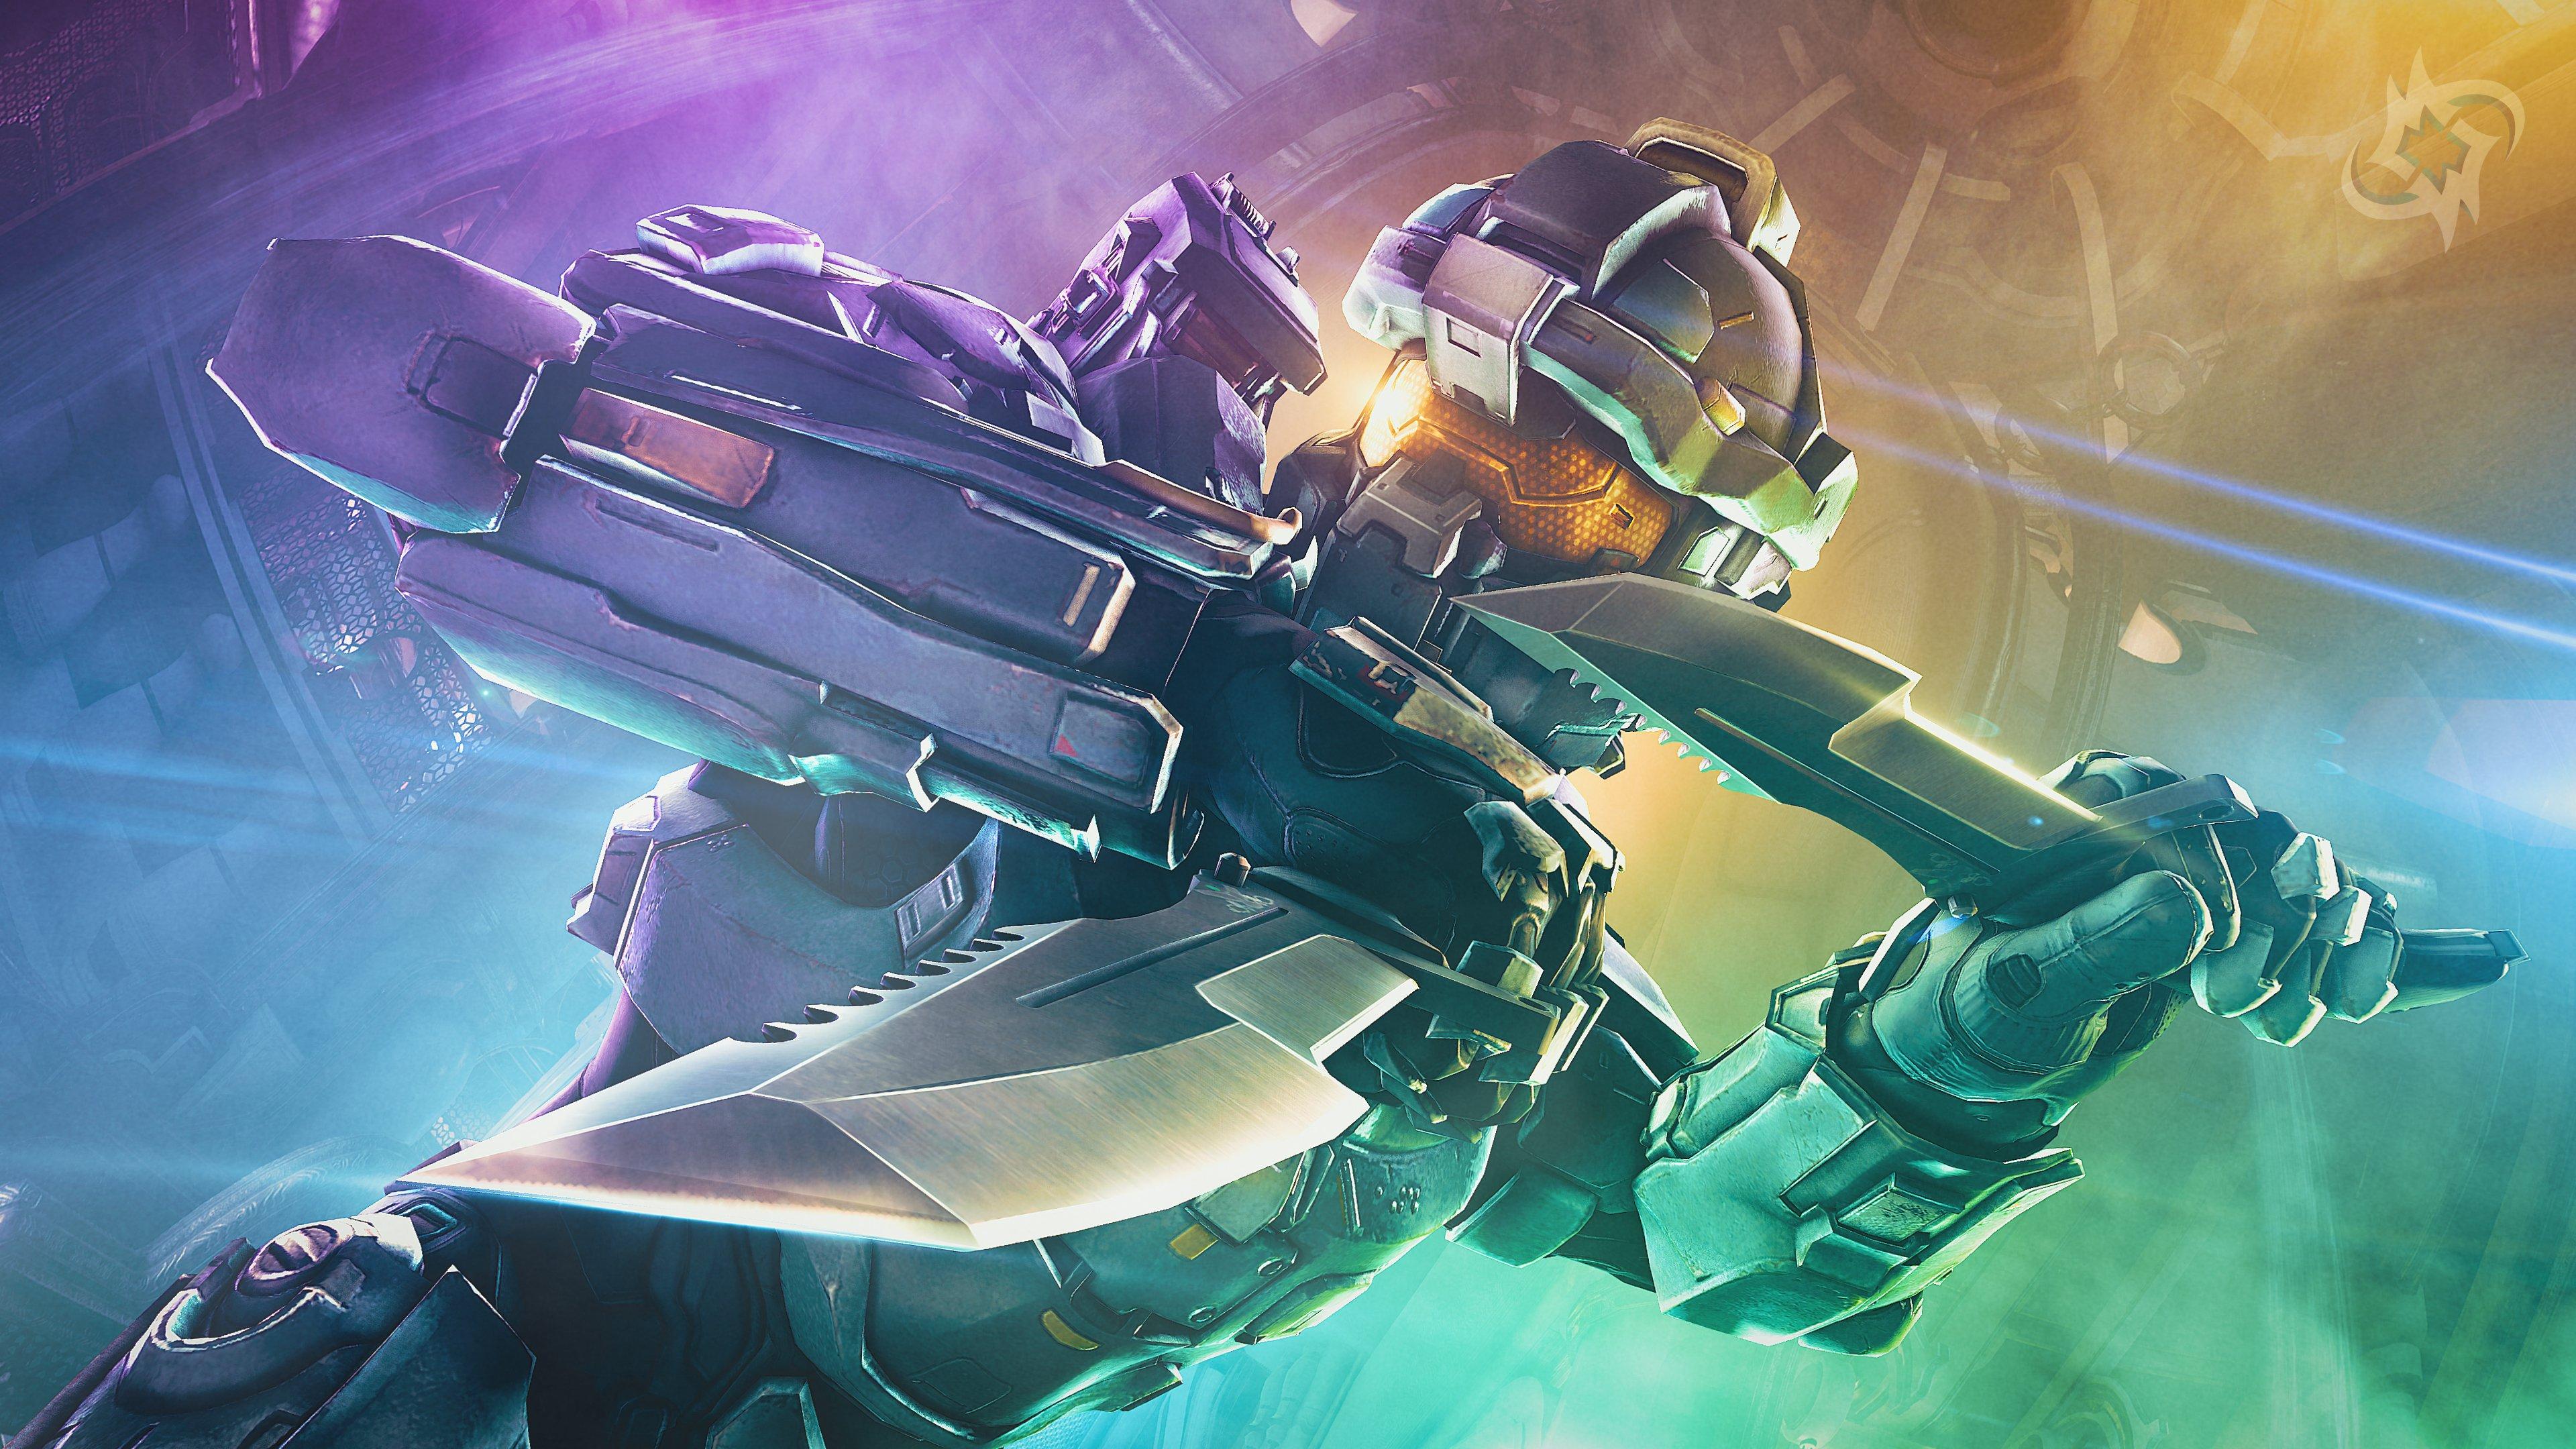 Робот в шлеме и с кинжалом в фантастической вселенной